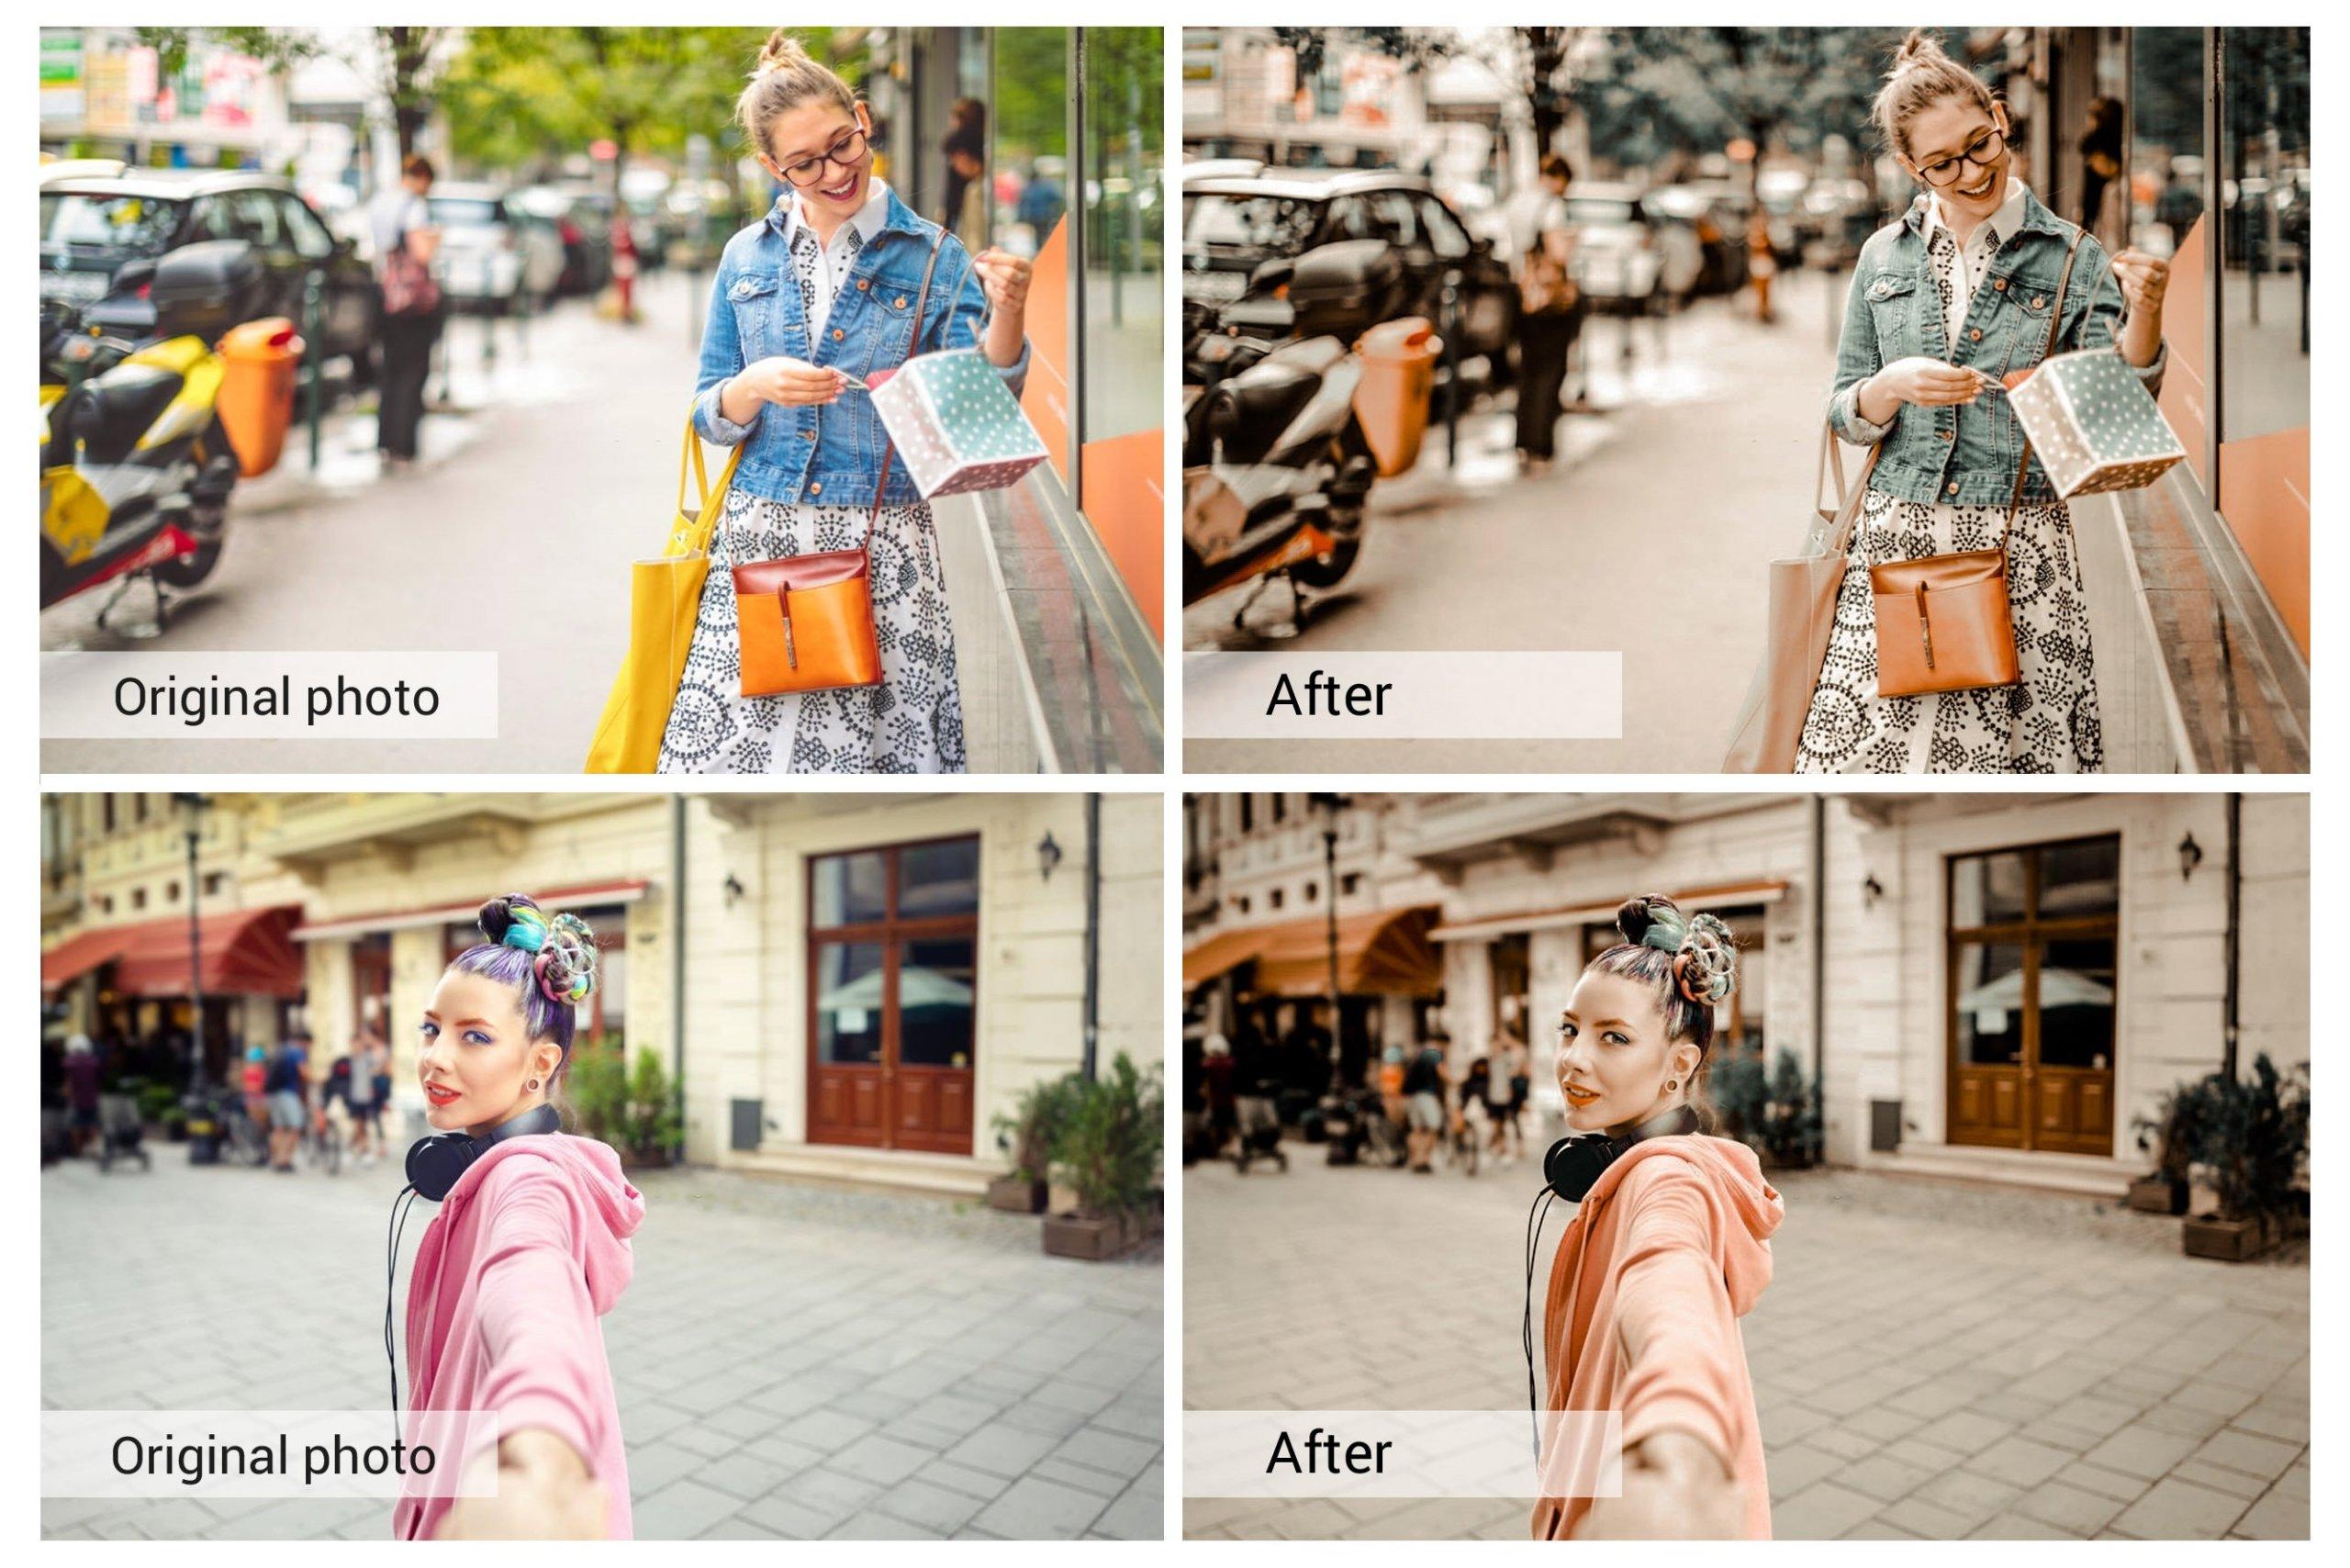 奶油咖啡色照片调色滤镜LR预设&PS动作套装 Coffe Milk Presets Photoshop Actions插图1